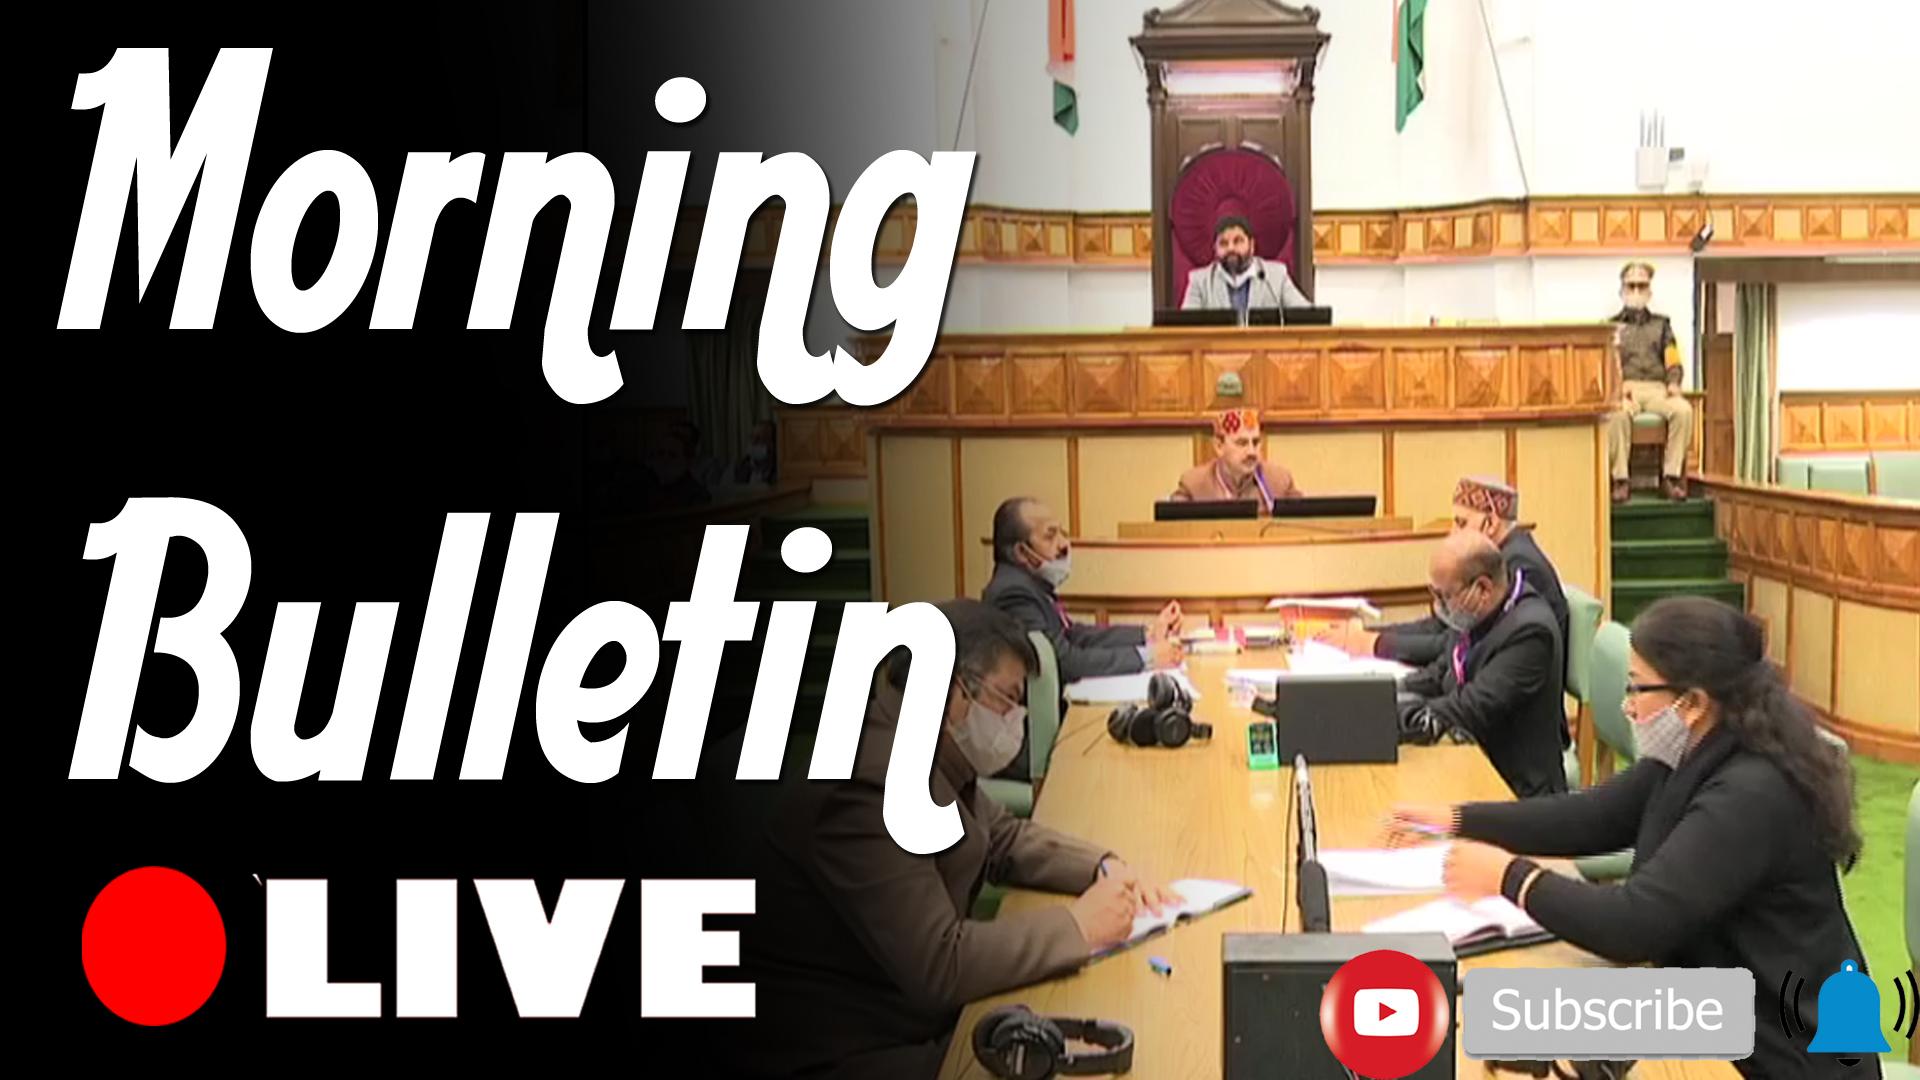 Morning Bulletin